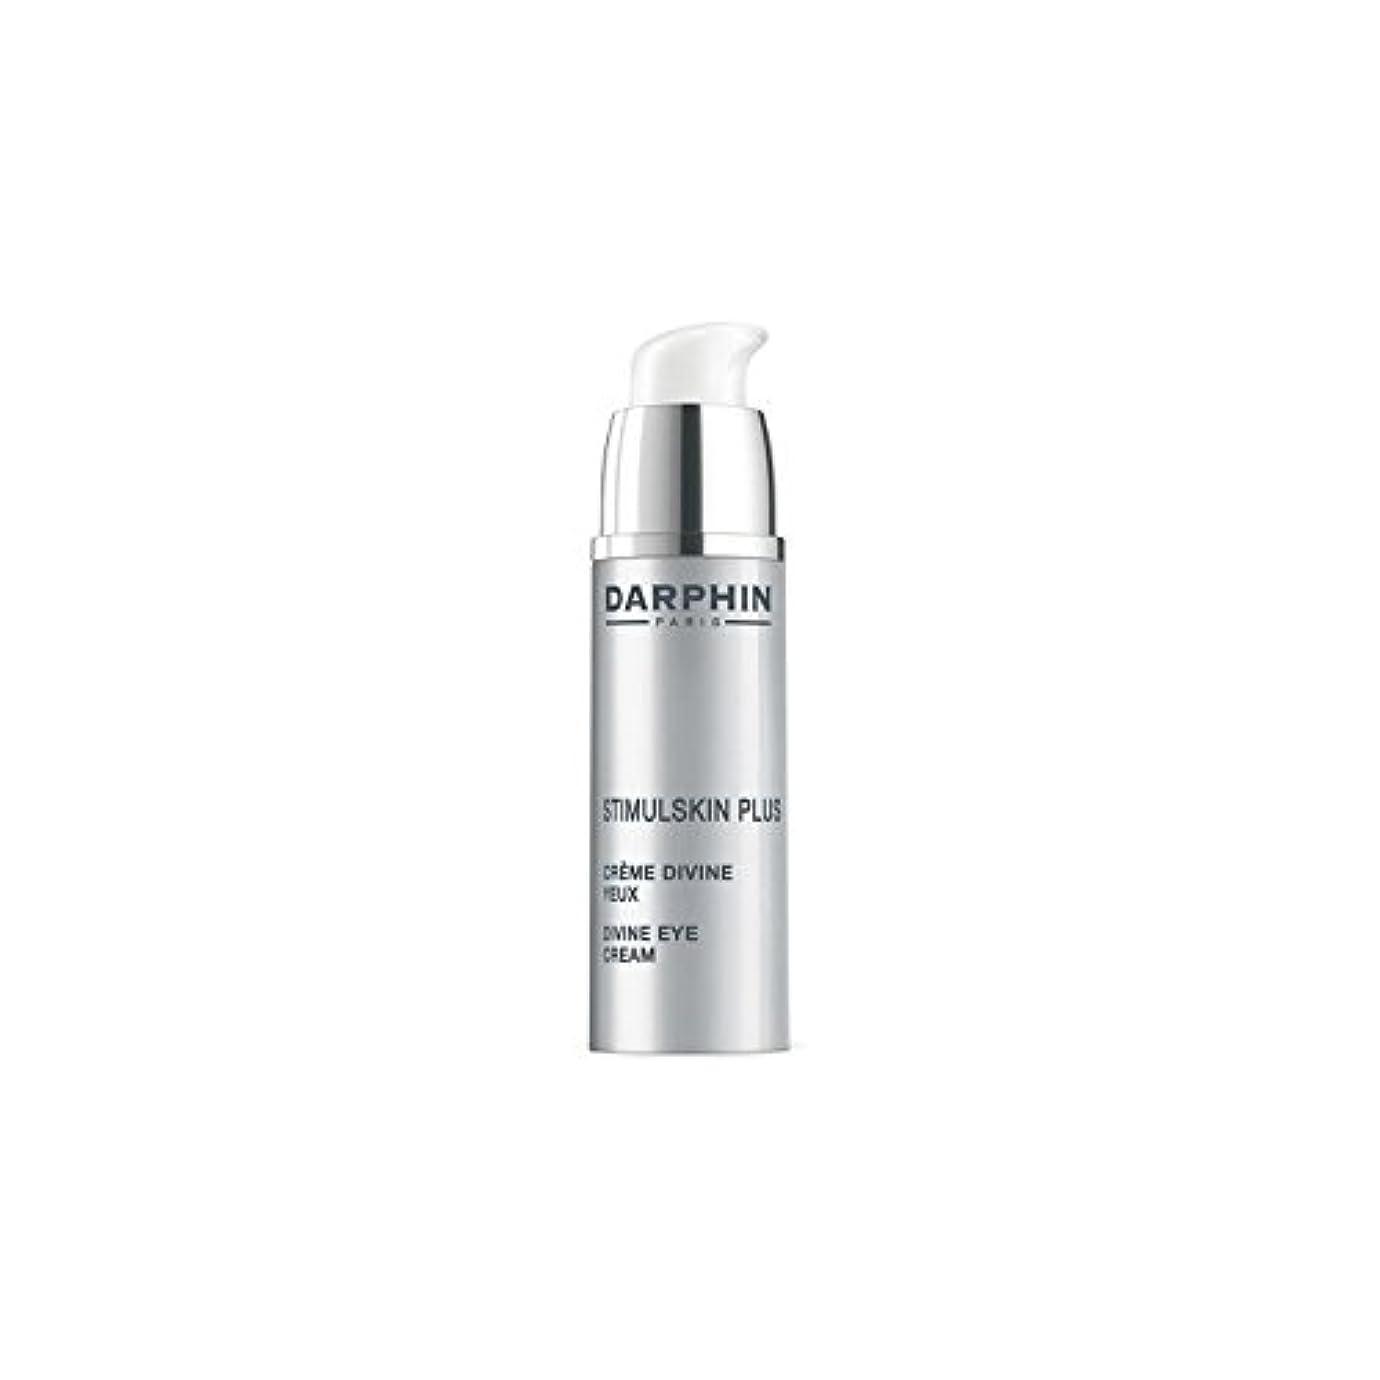 確かなタイマー振動させるダルファンスティプラス神の照明アイクリーム(15ミリリットル) x4 - Darphin Stimulskin Plus Divine Illuminating Eye Cream (15ml) (Pack of 4)...